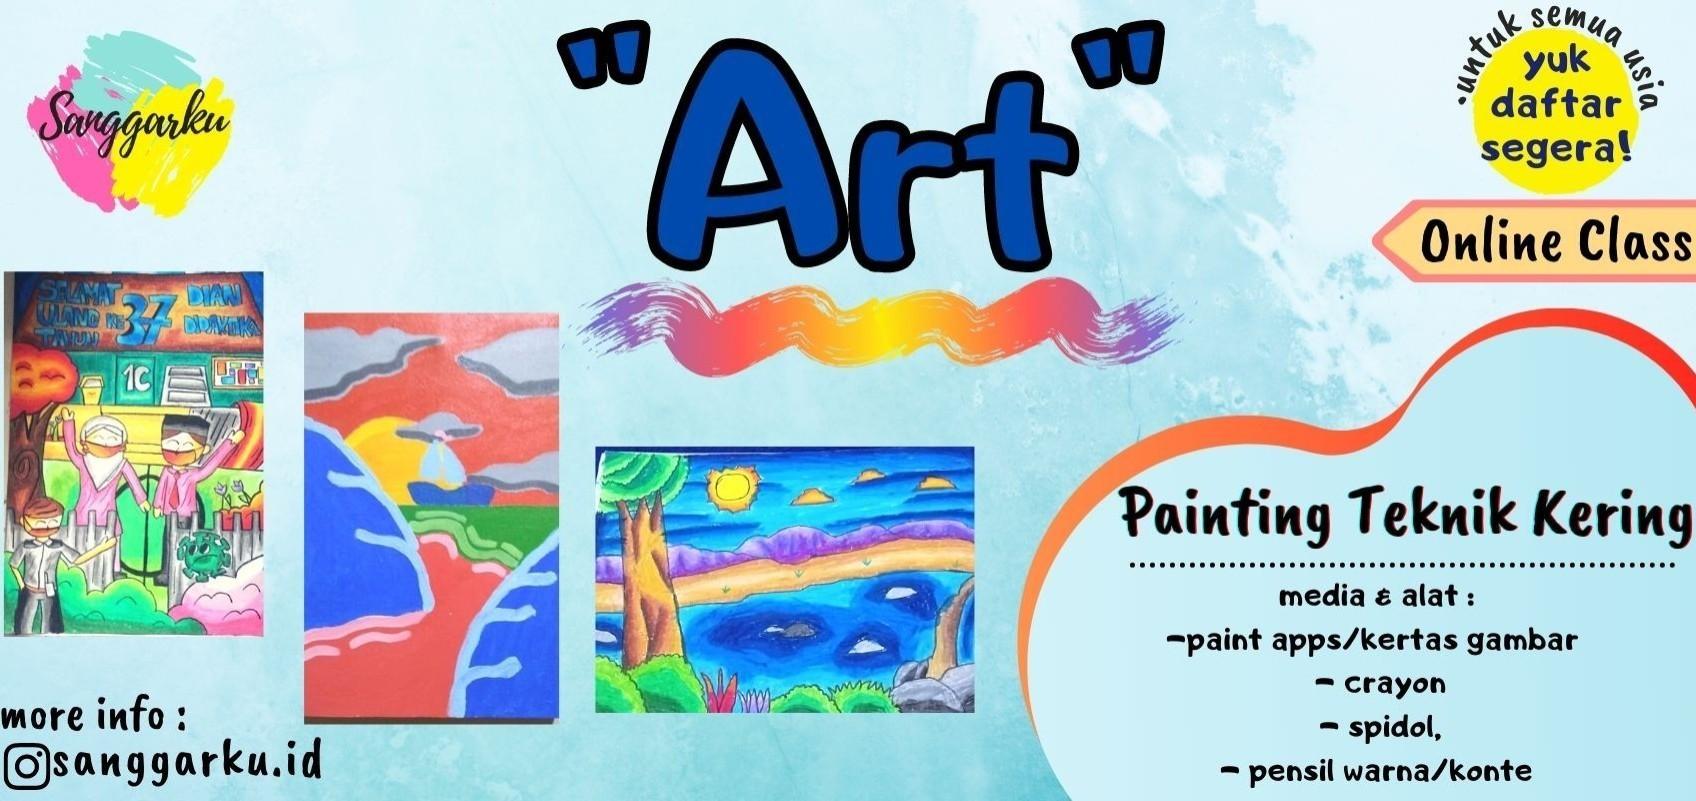 Kursus Sanggarku - Art Class (Painting Teknik Kering)